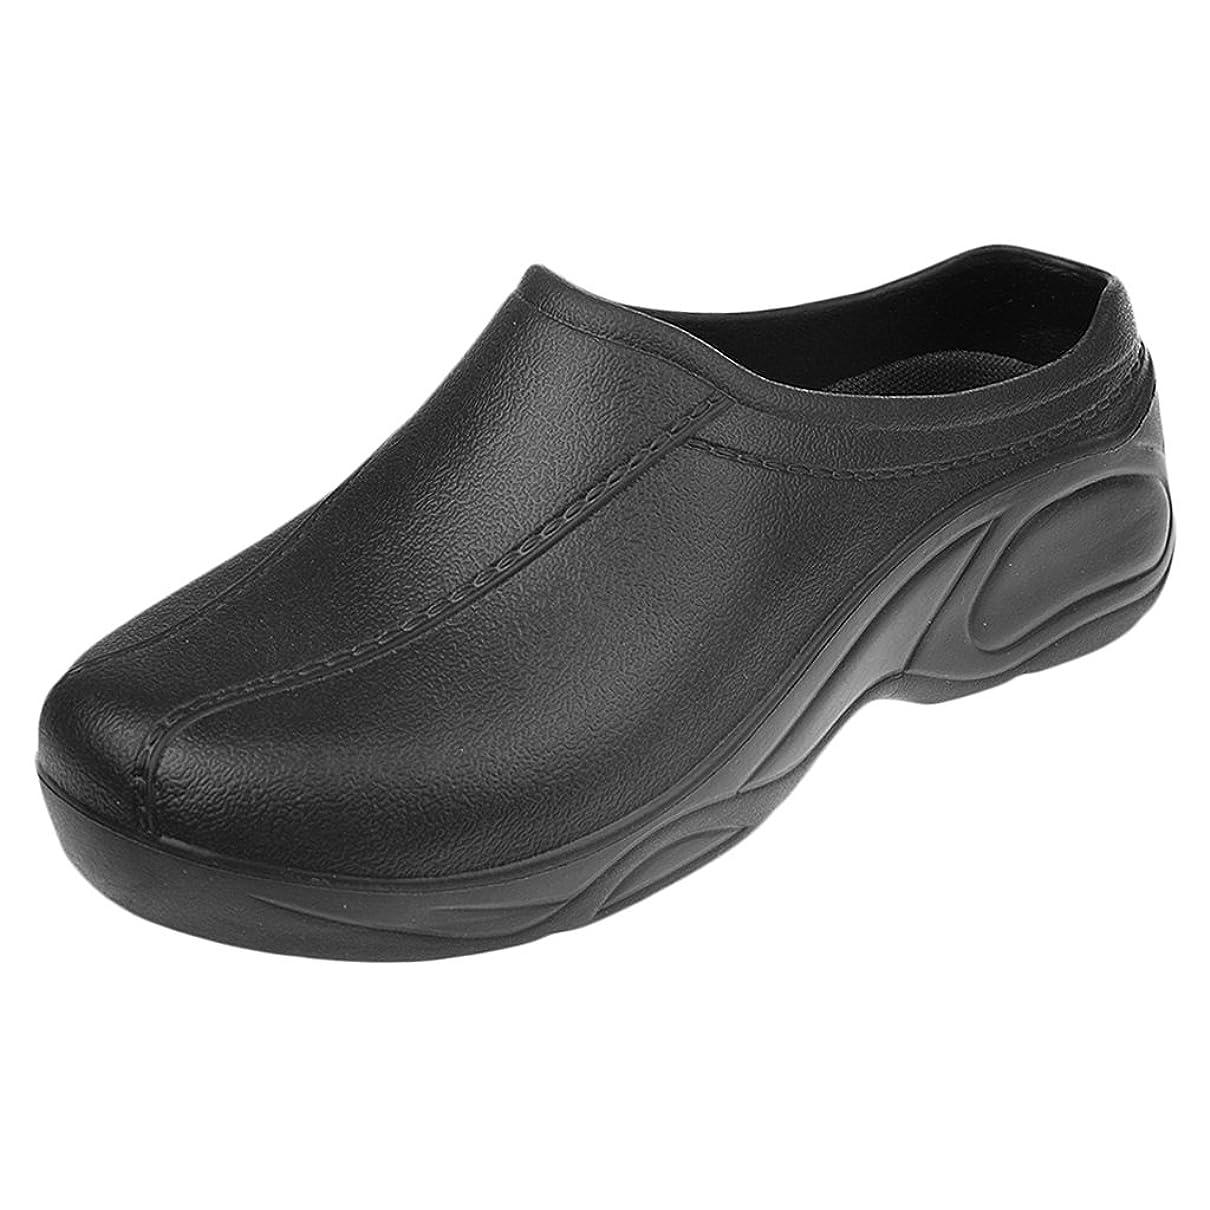 ドラッグウィスキー合体【ノーブランド品】 メンズ レディース クック コック 作業靴 看護靴 快適 防水 全5サイズ2色